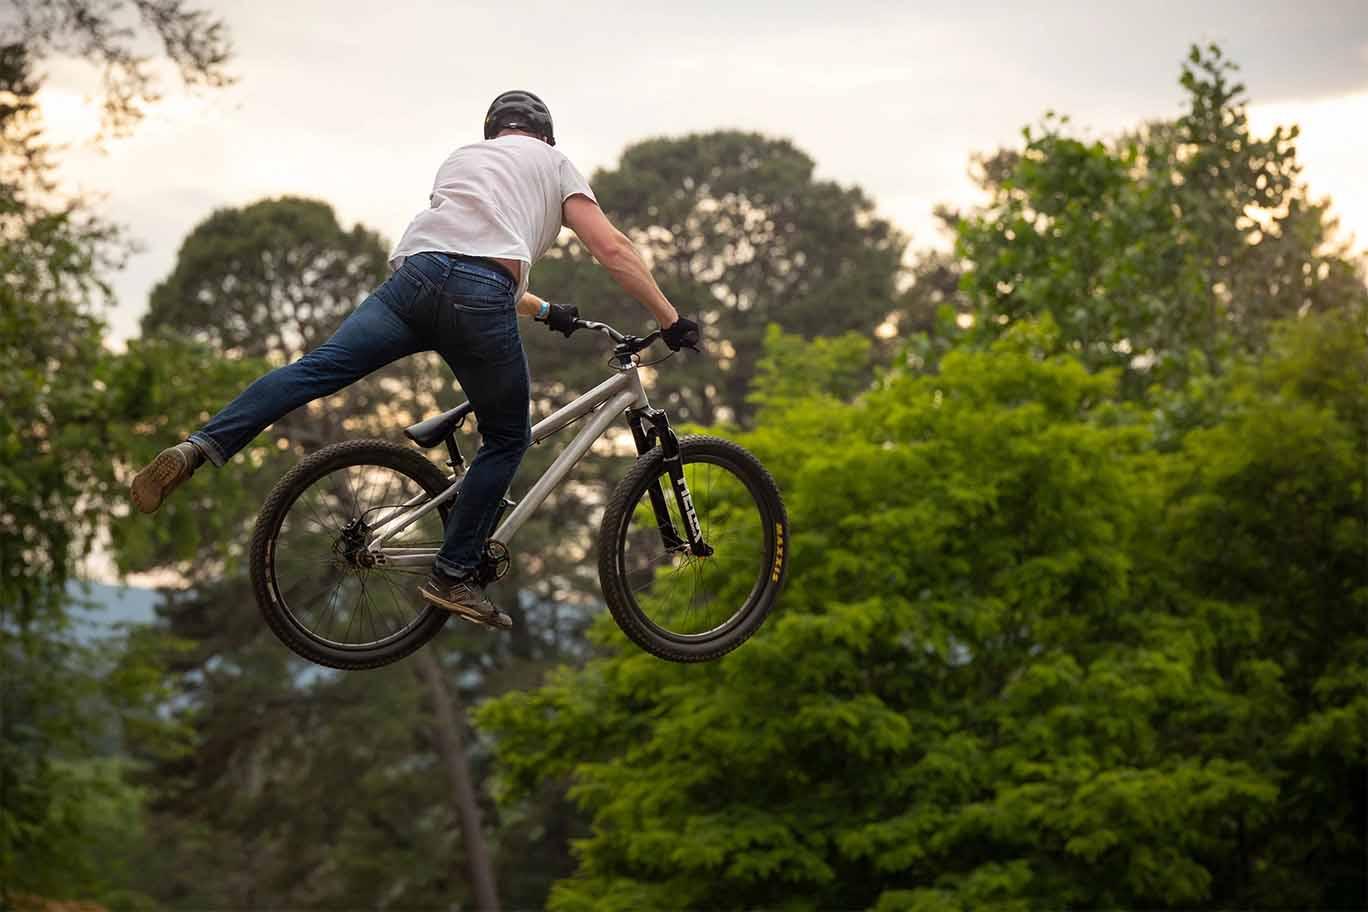 Cane Creek Helm DJ suspension fork jumping